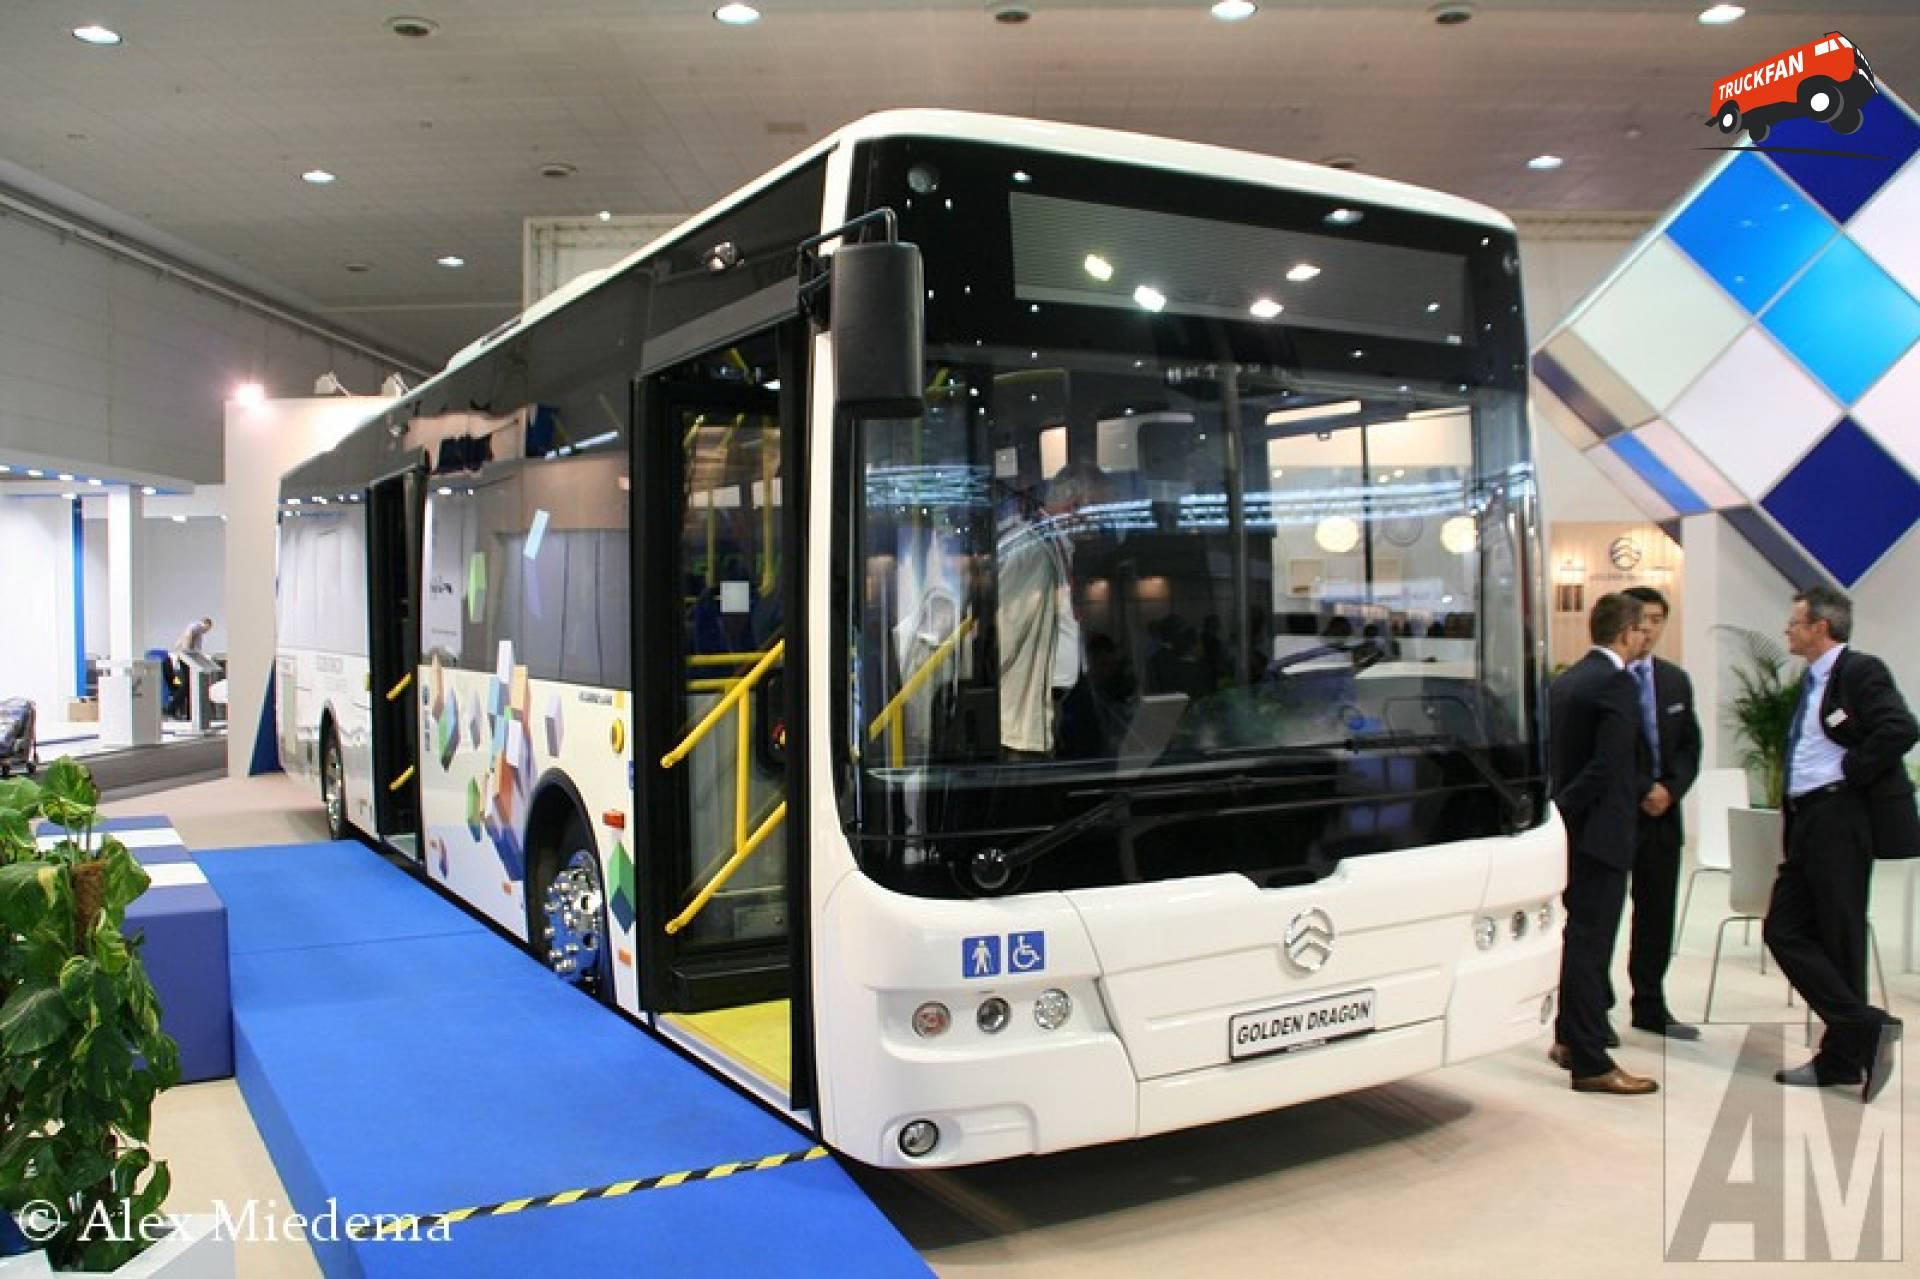 Golden dragon bus lines stanabol british dragon opinie